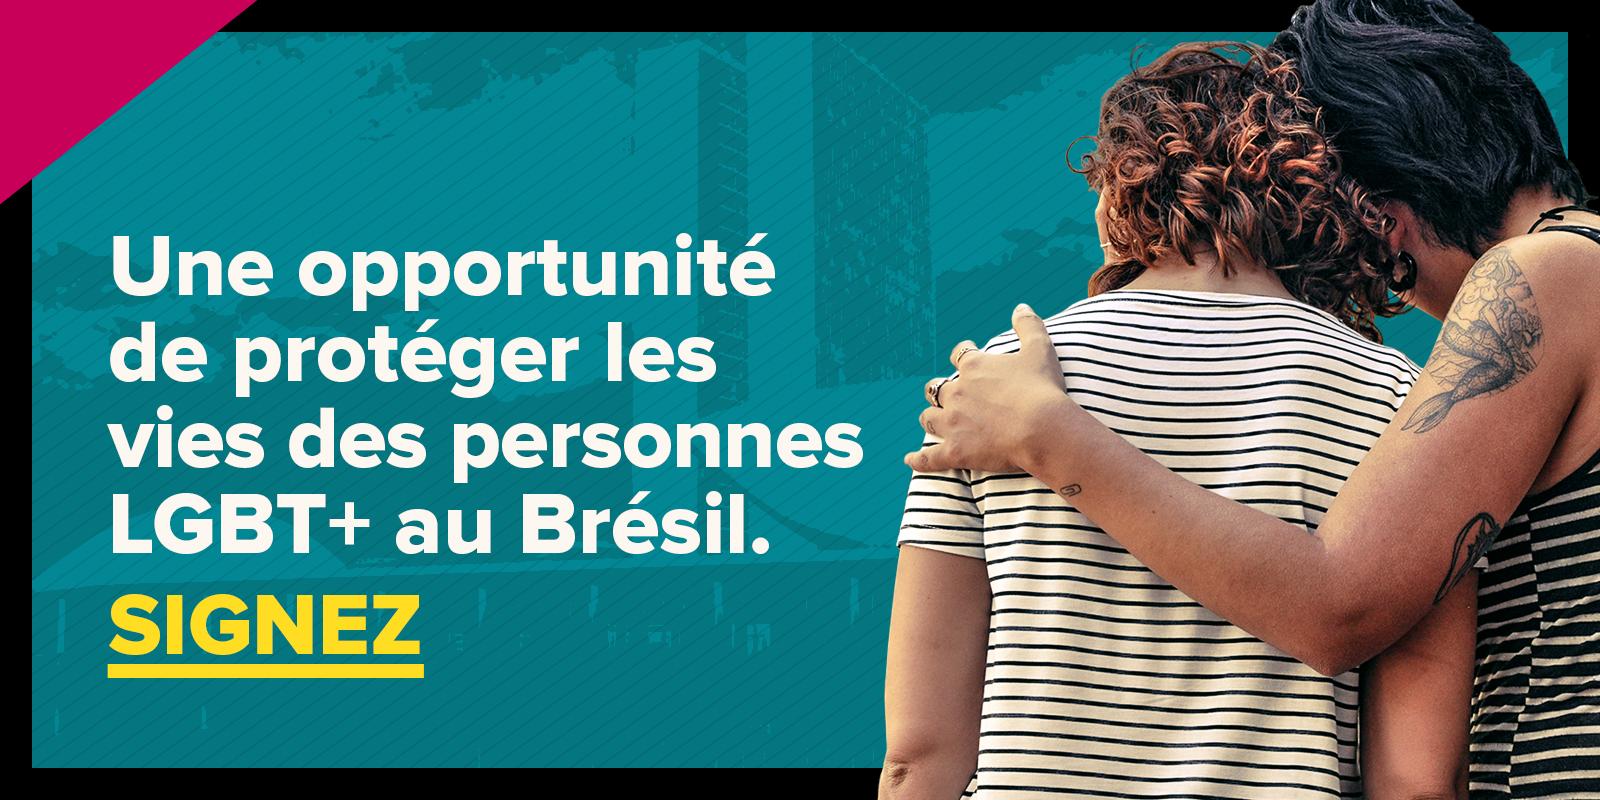 Une opportunité de protéger les vies des personnes LGBT+ au Brésil. SIGNEZ